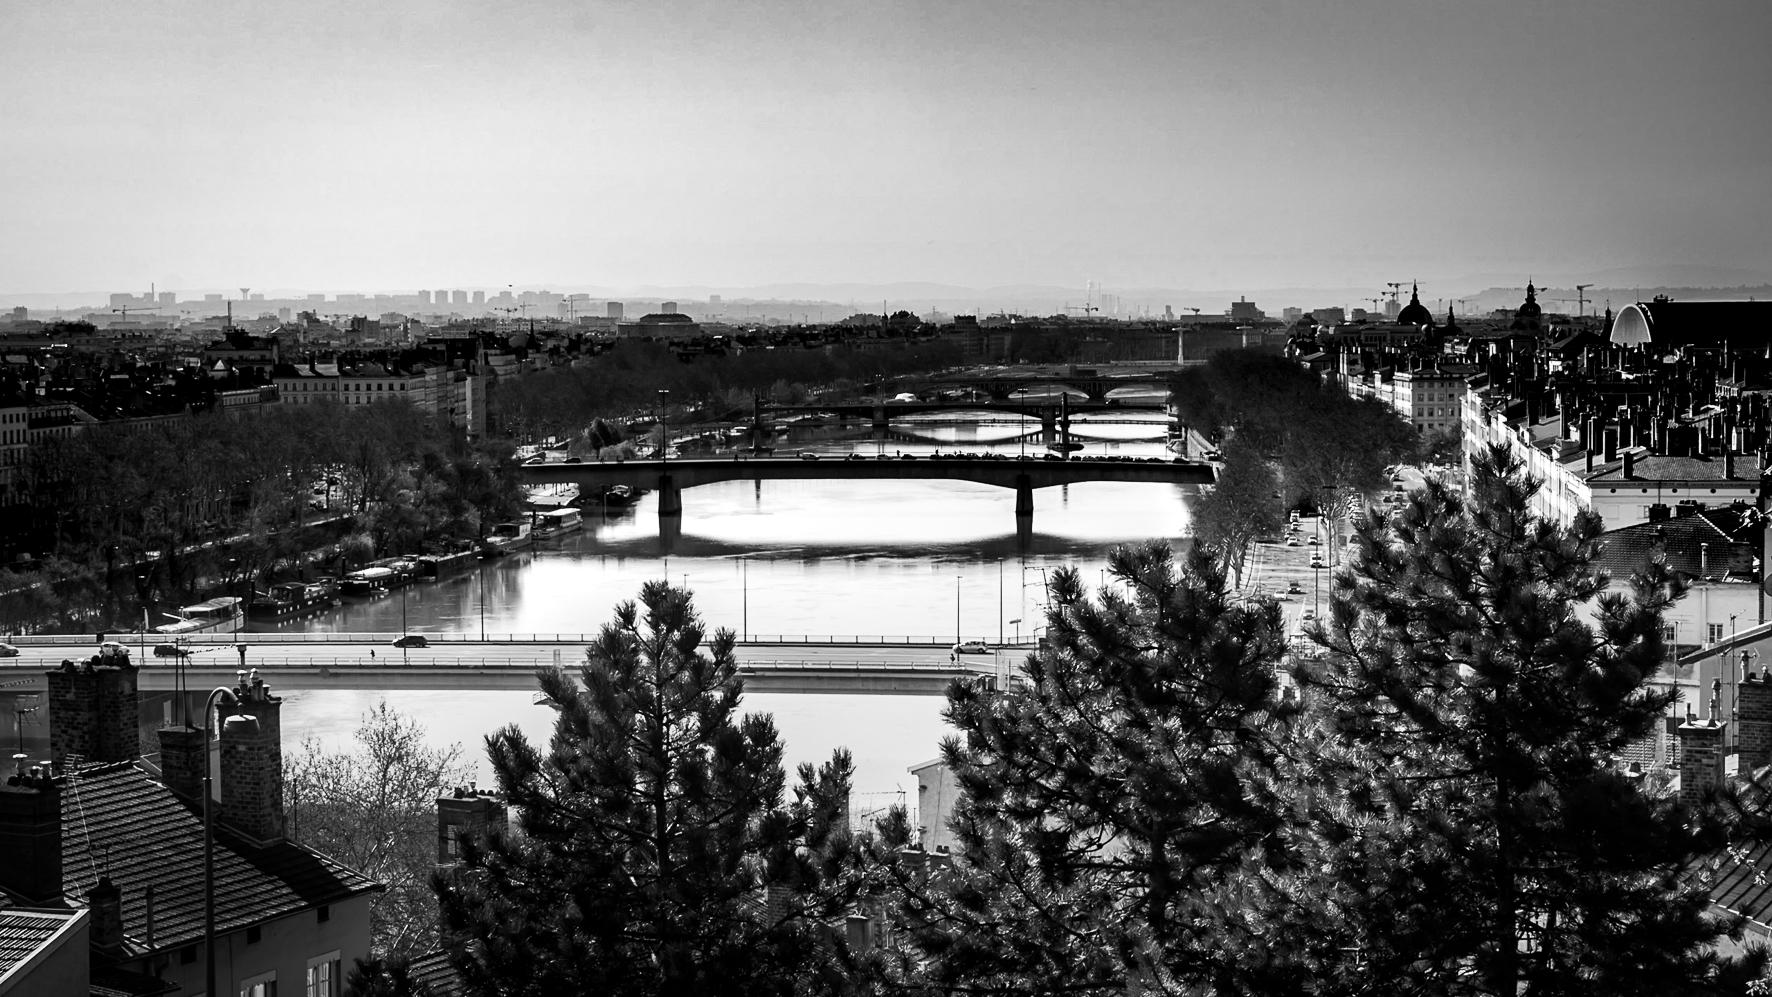 Enfilade de ponts sur le Rhône, Lyon, France